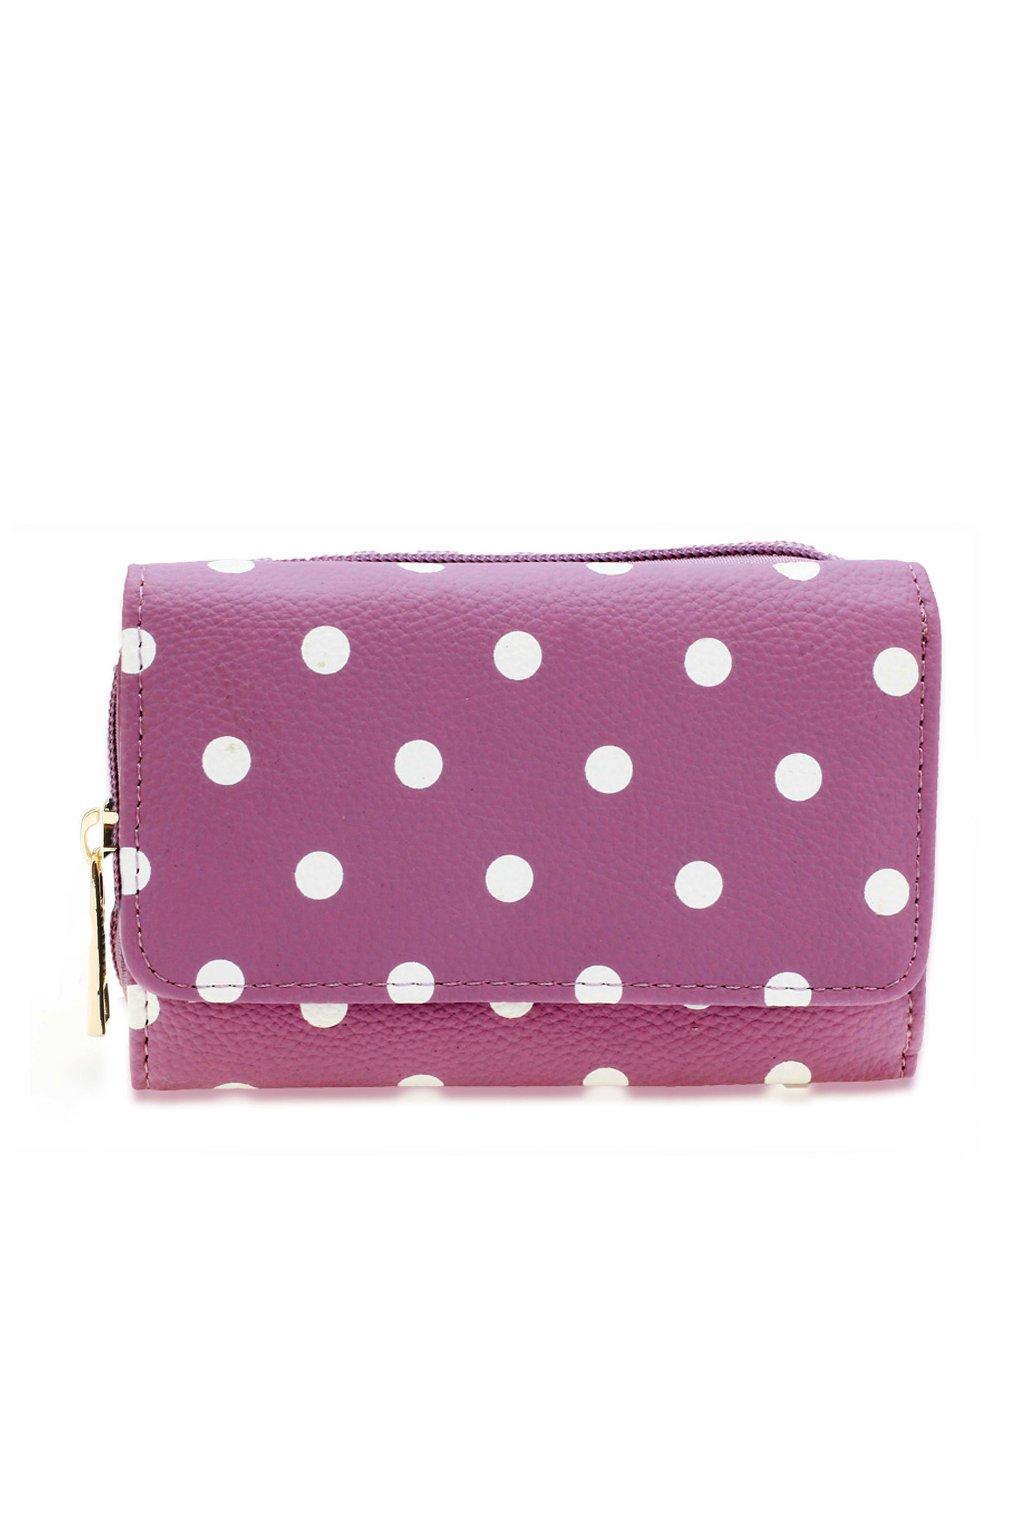 Fialová peňaženka pre ženy Polka Dot AGP1045B